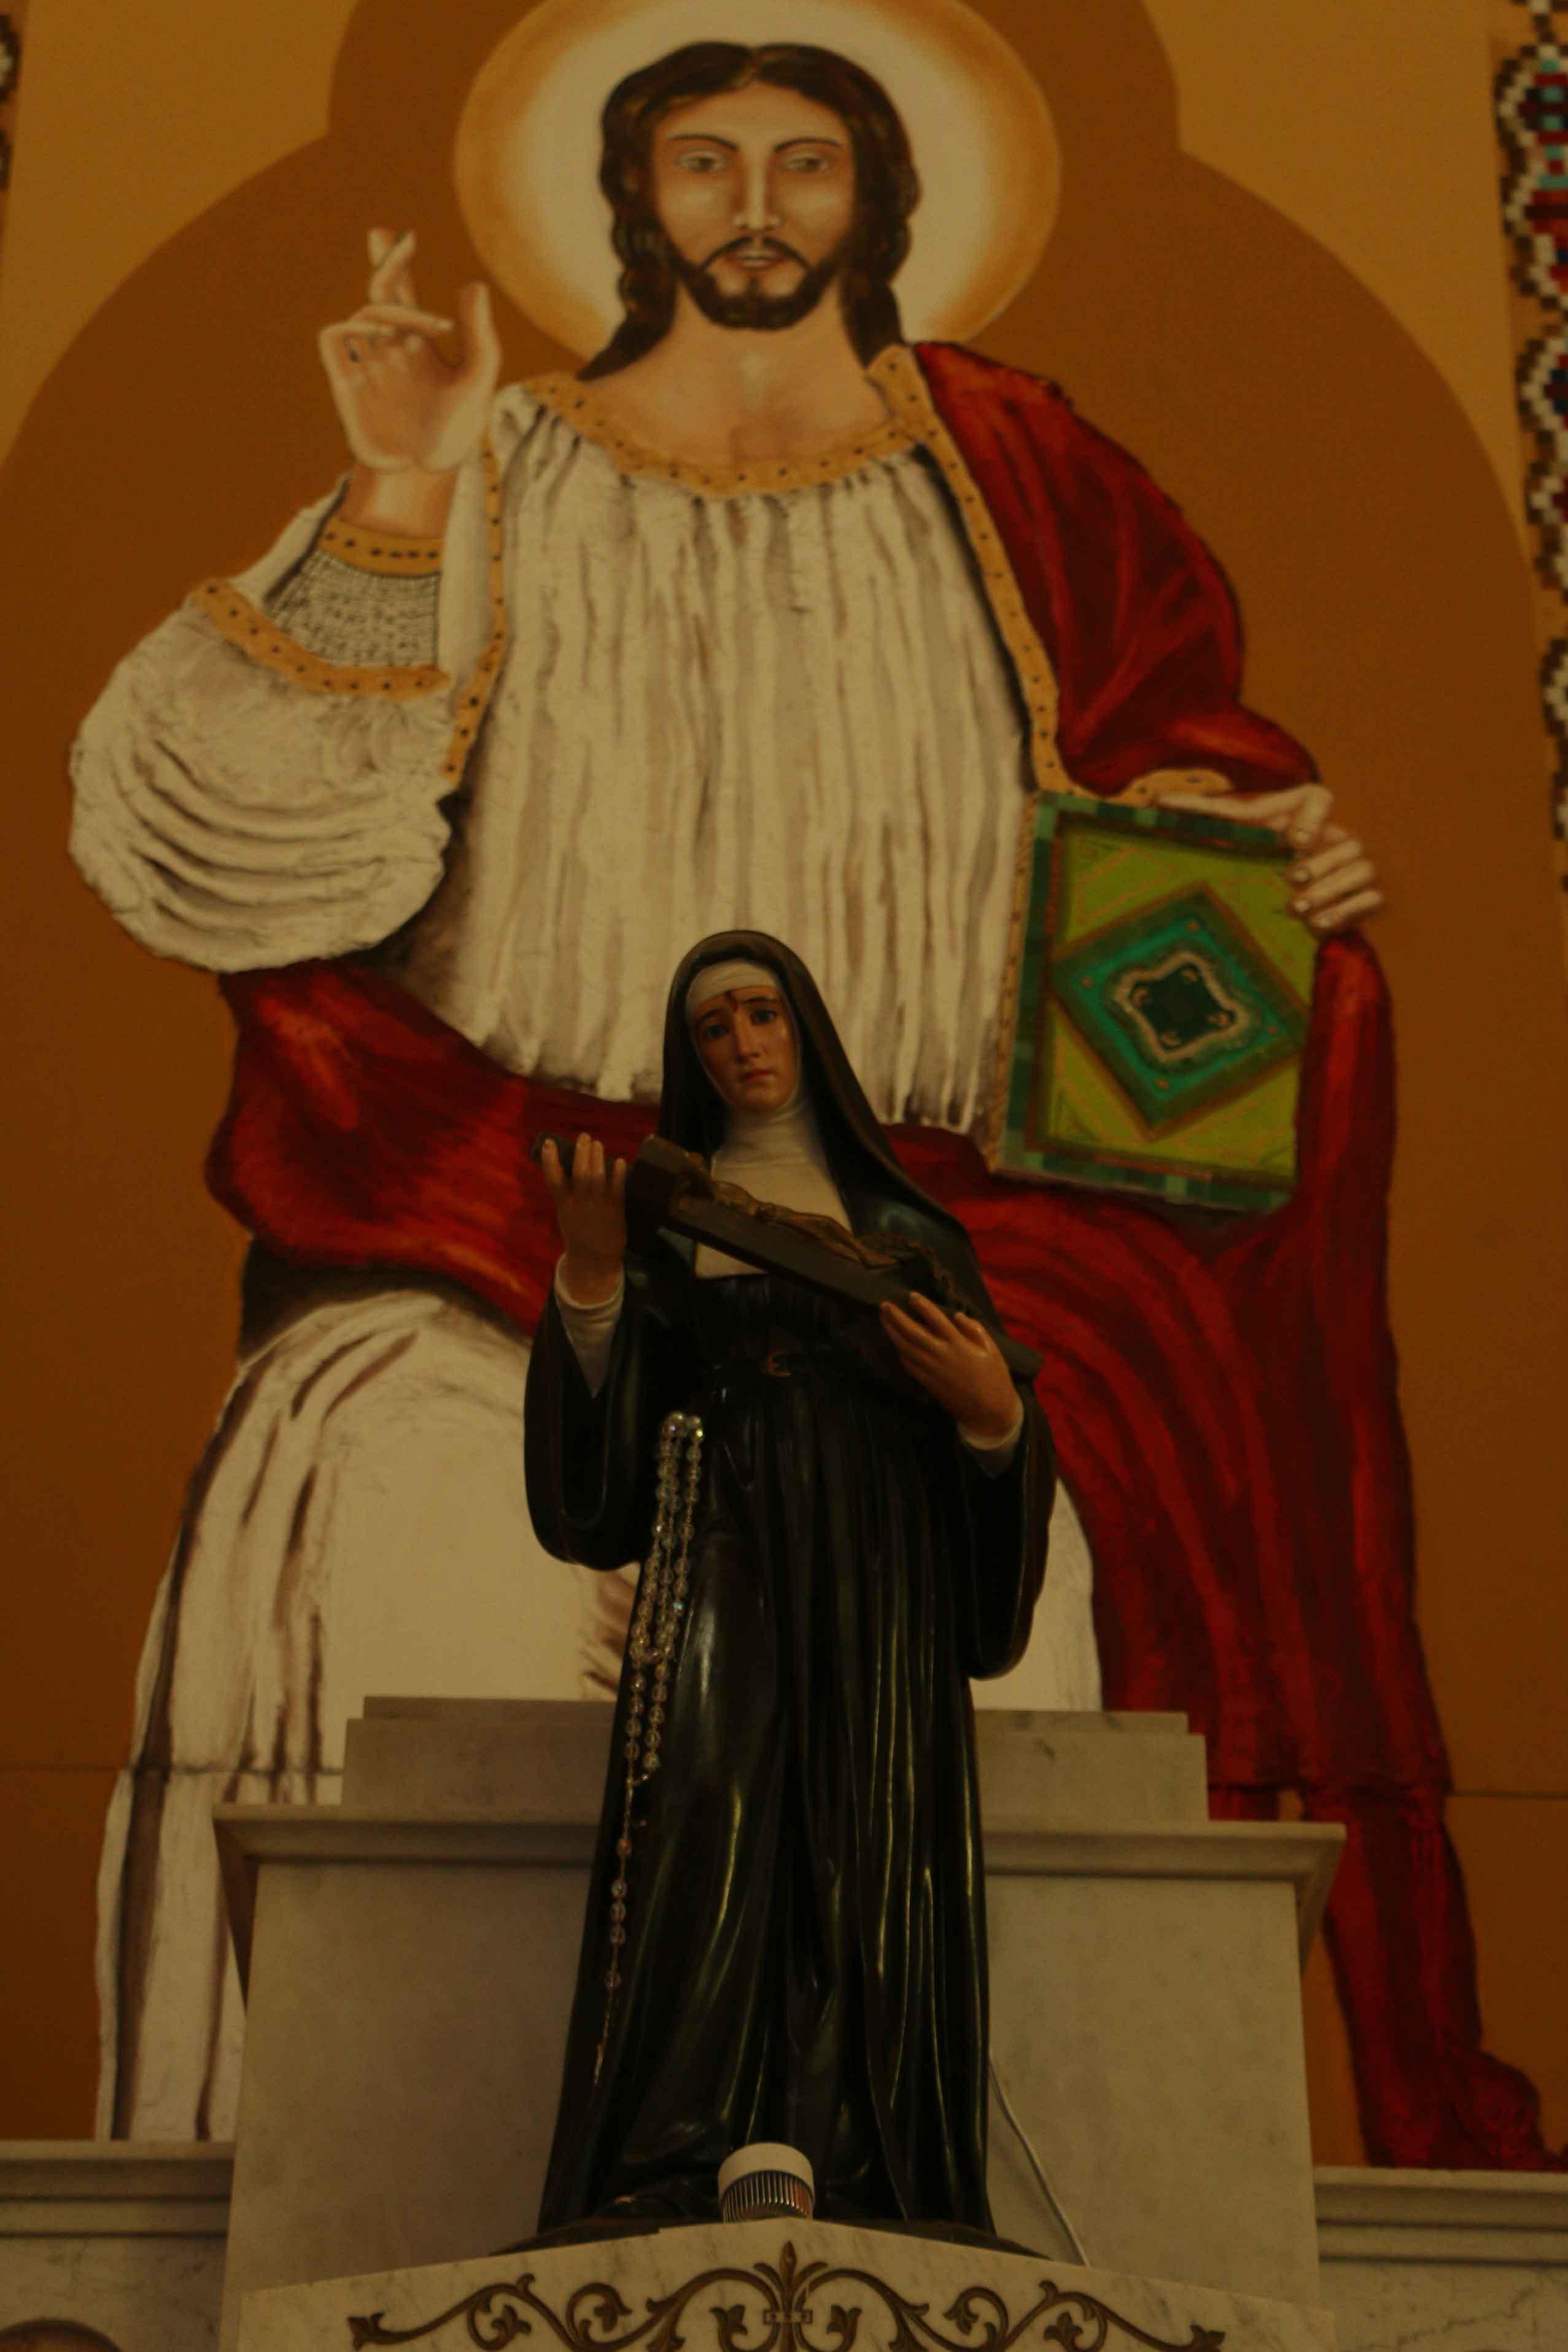 Extrema-Turismo-Religioso-Santuario-de-Santa-Rita-bx